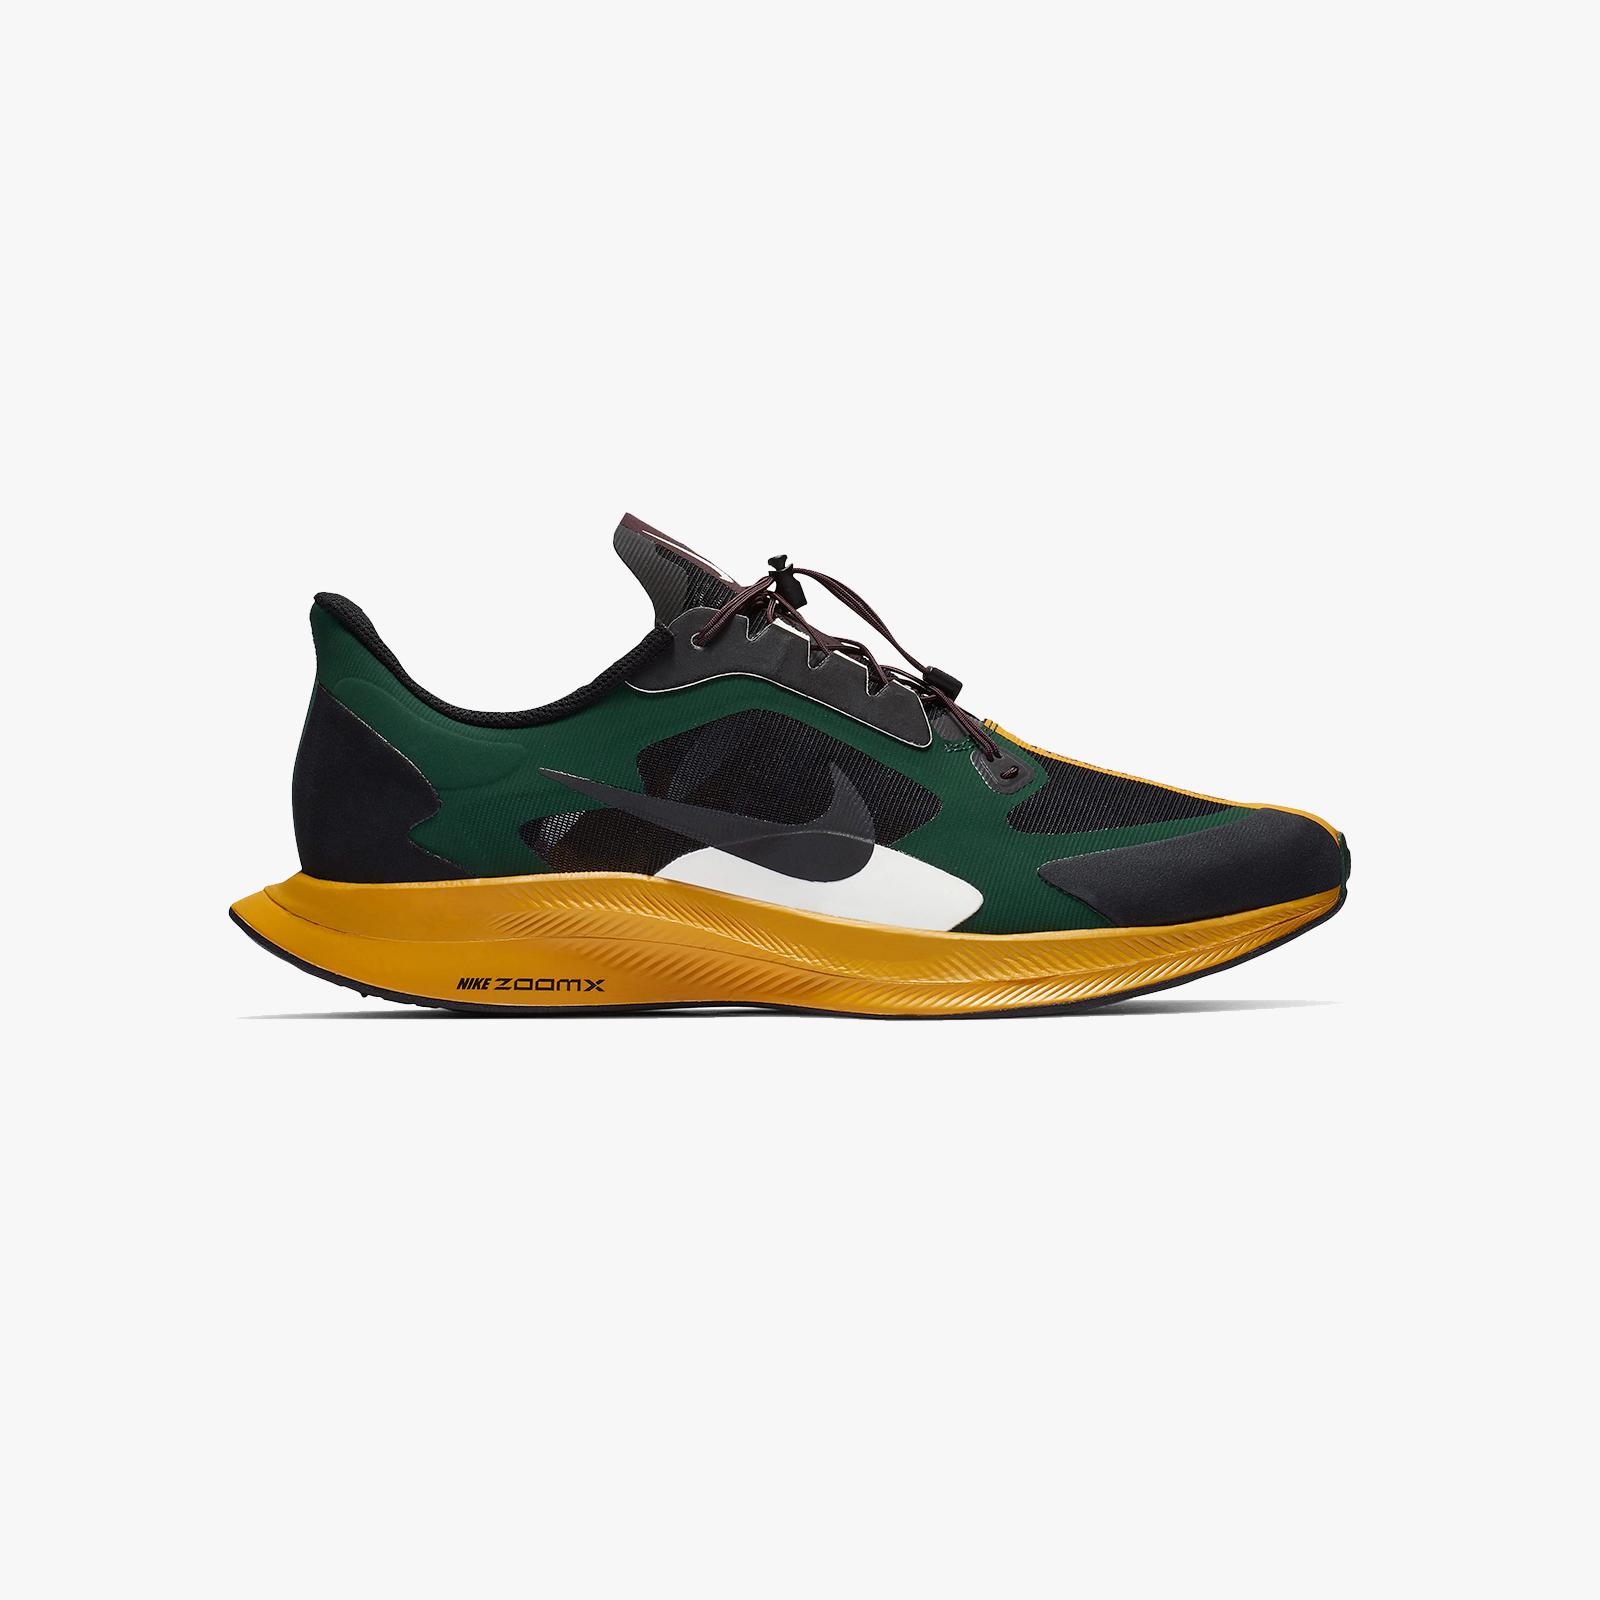 76c14d6a6fe2c Nike Zoom Pegasus 35 Turbo x Gyakusou - Bq0579-300 - Sneakersnstuff ...